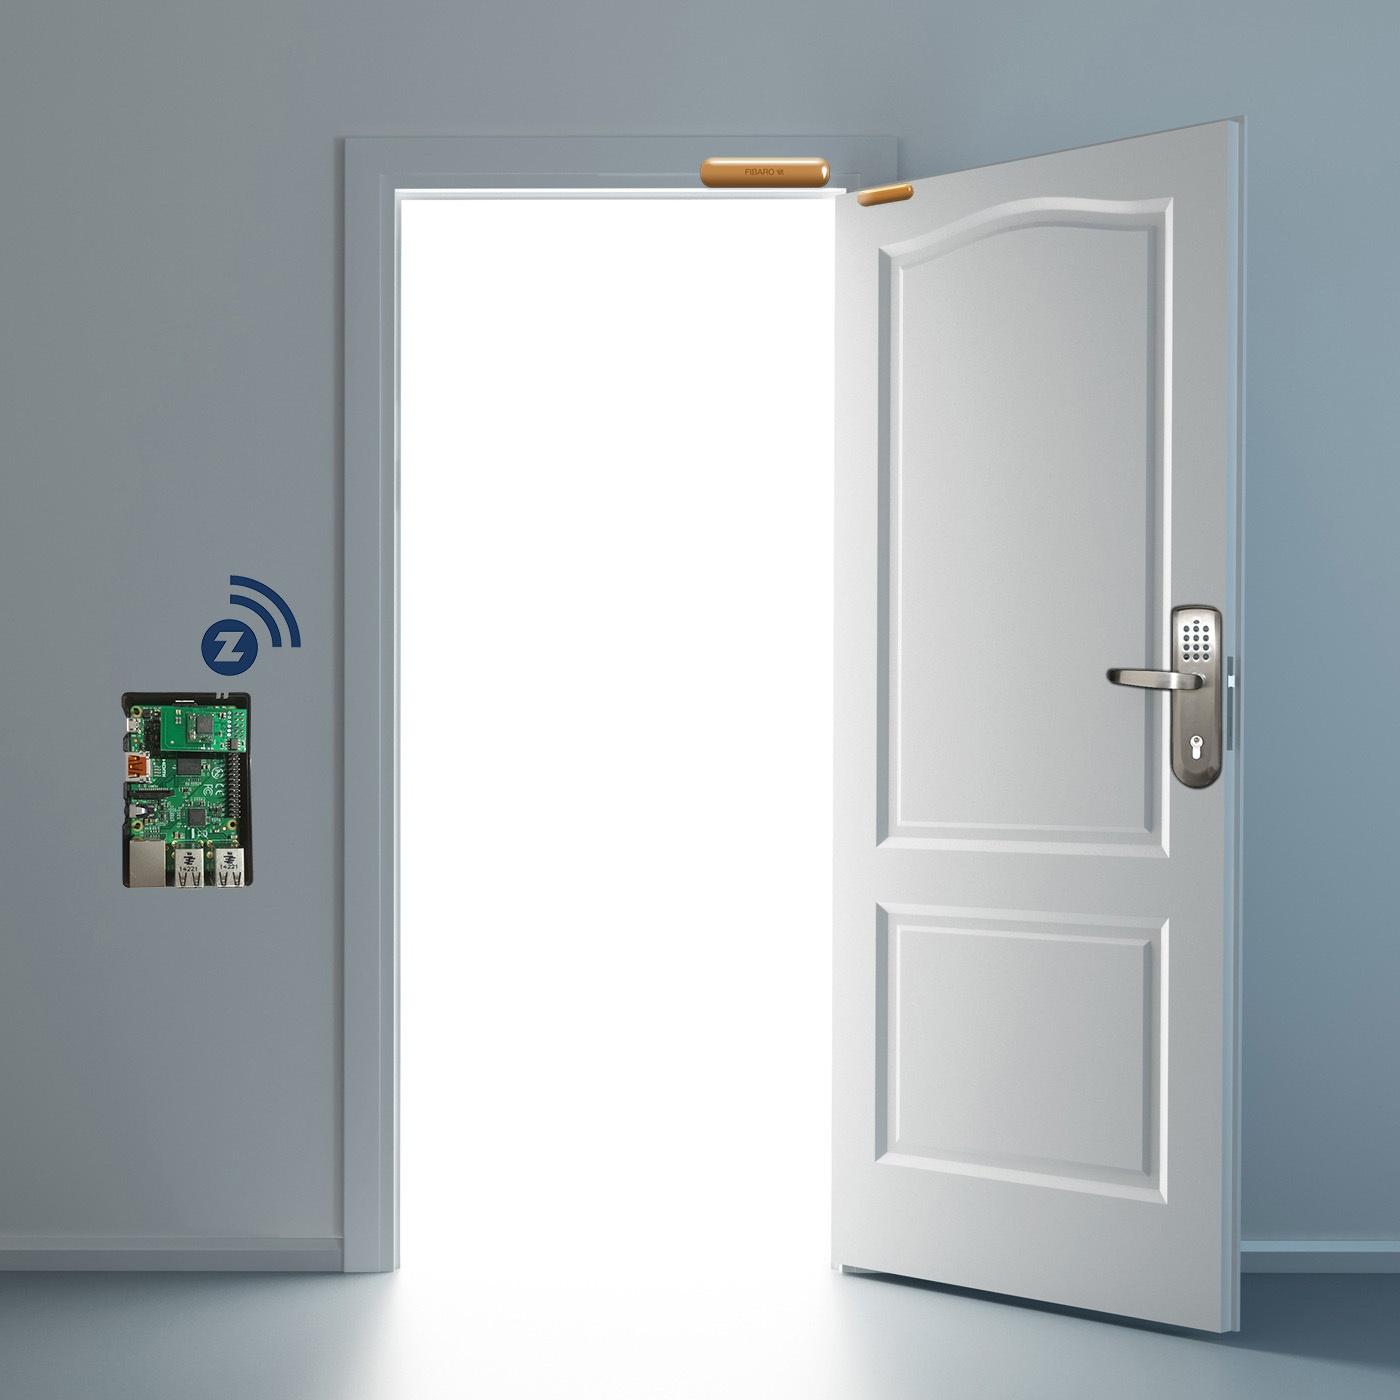 Z-Wave замок в помощь небольшому офису или дому - 1